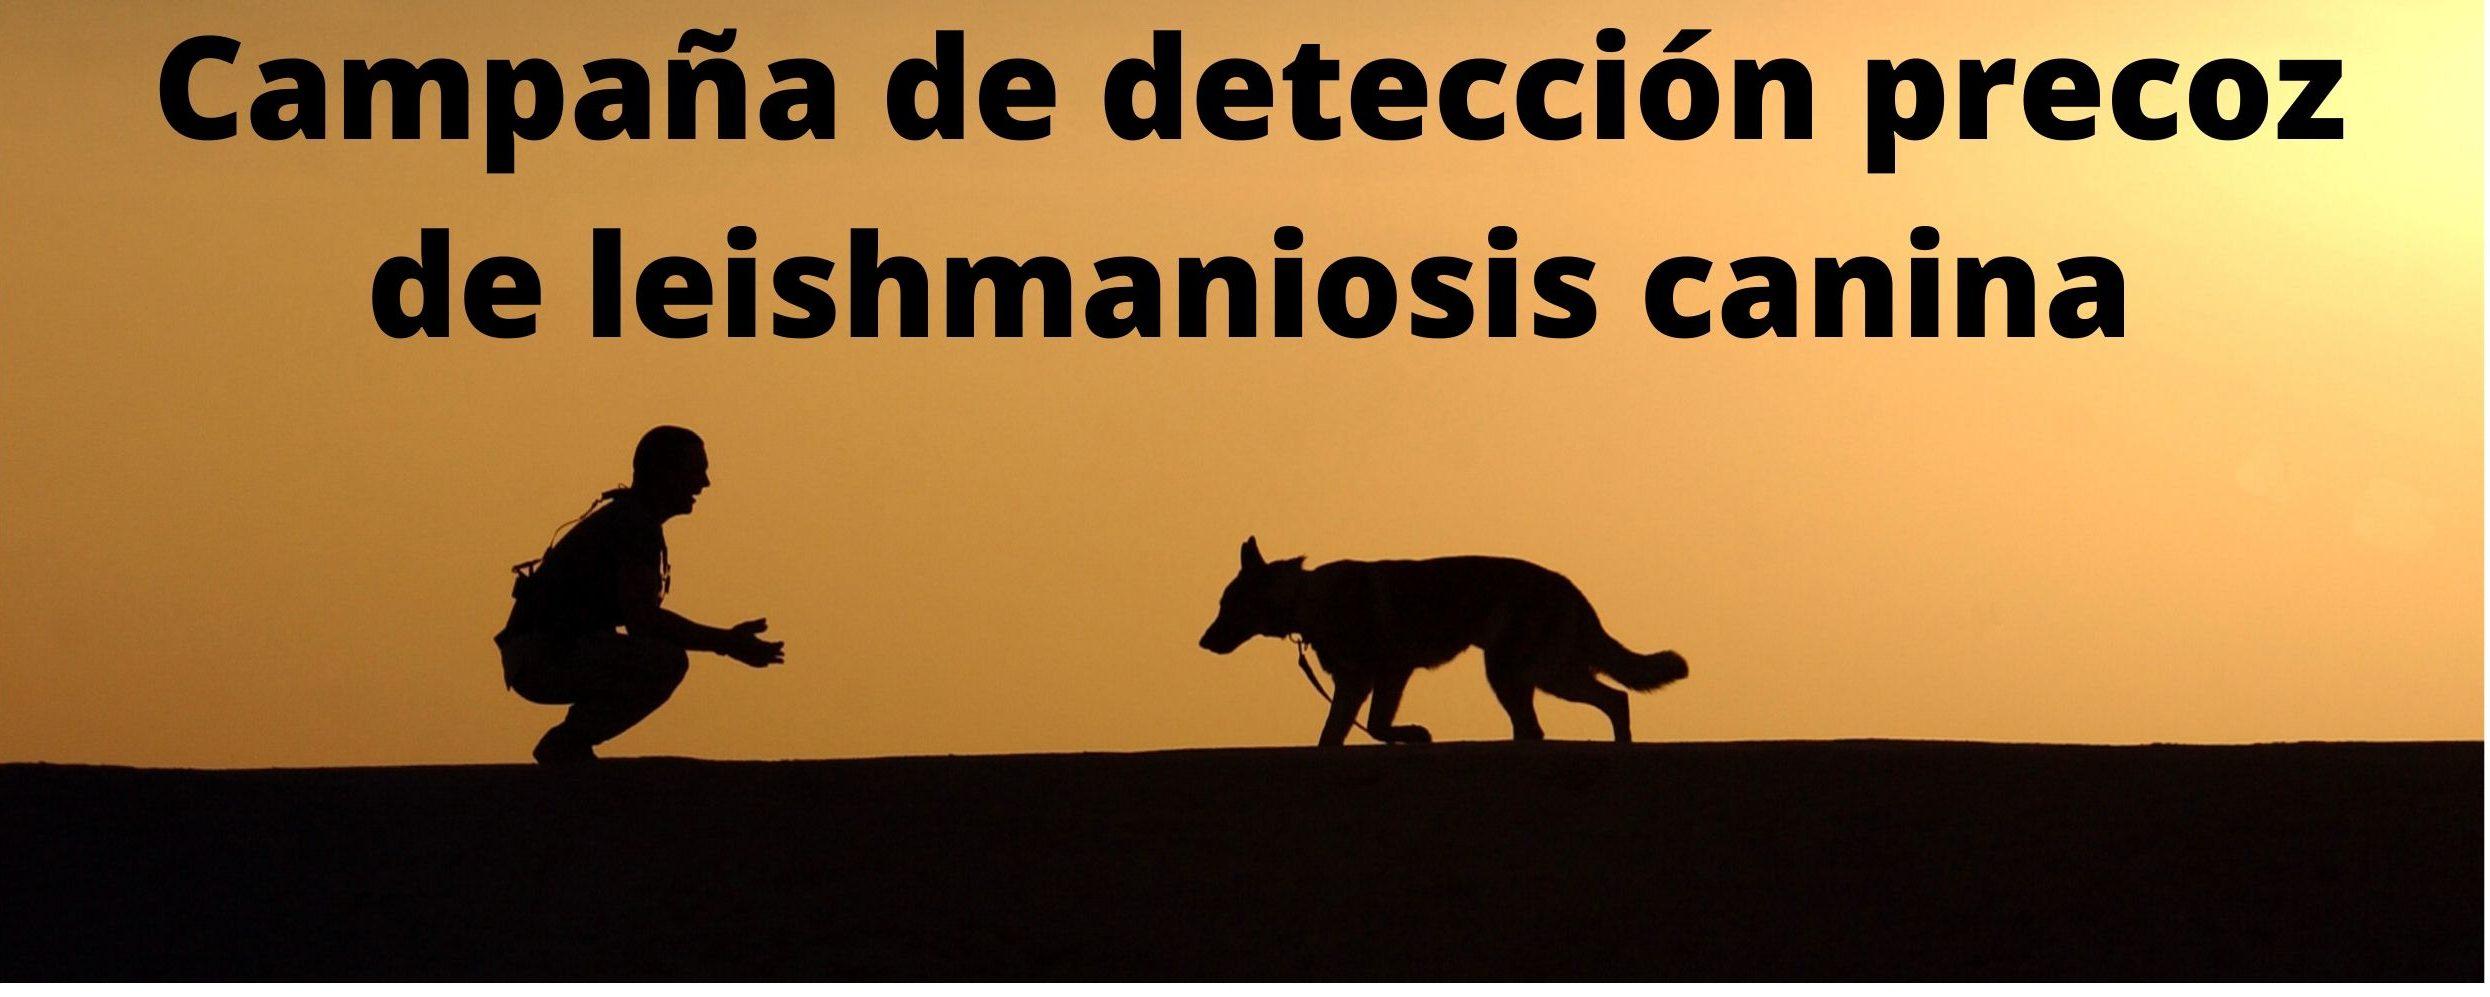 Campaña de detección precoz de leishmaniosis canina